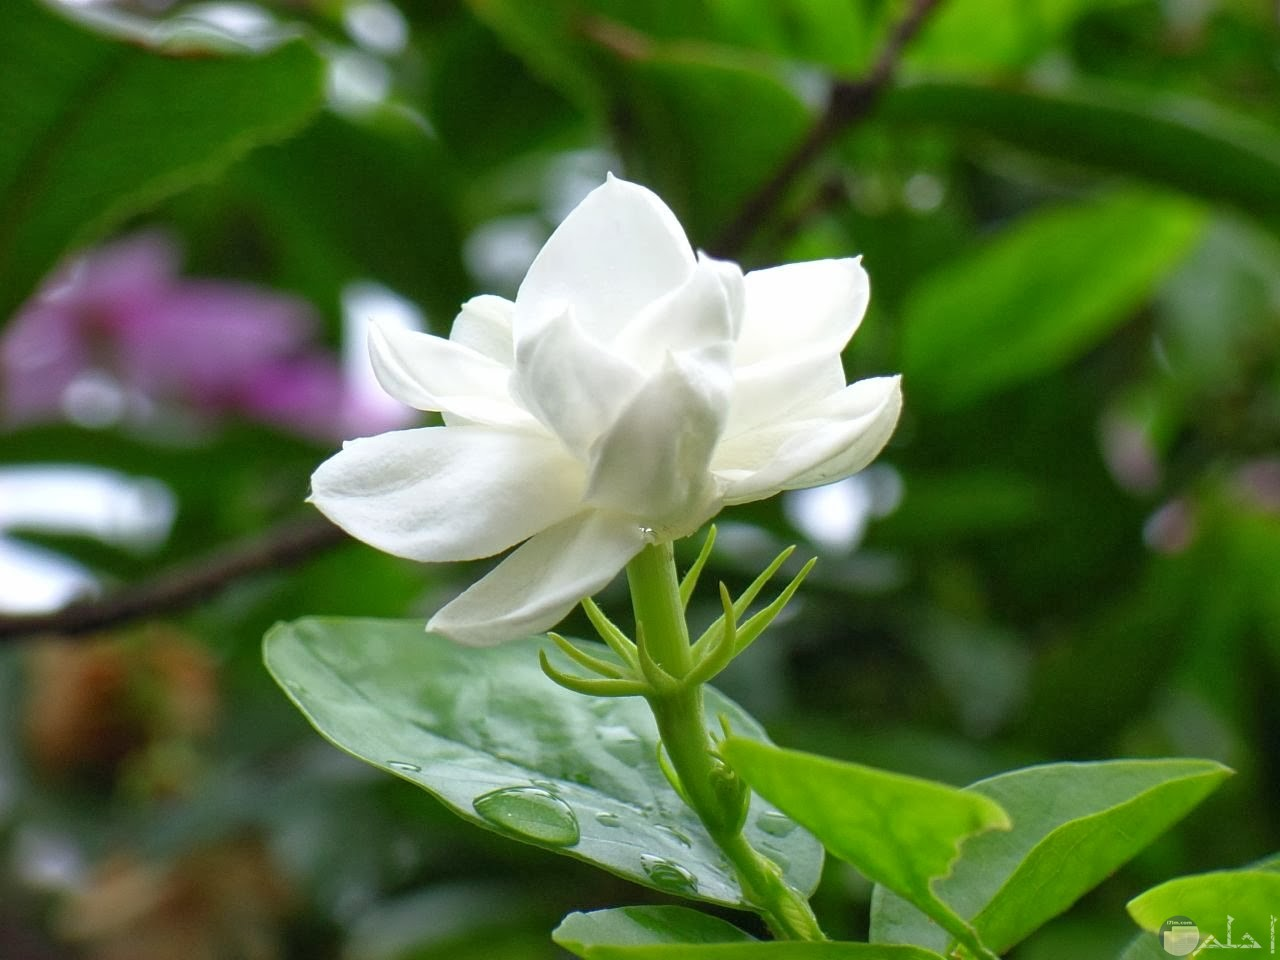 زهرة فل بيضاء